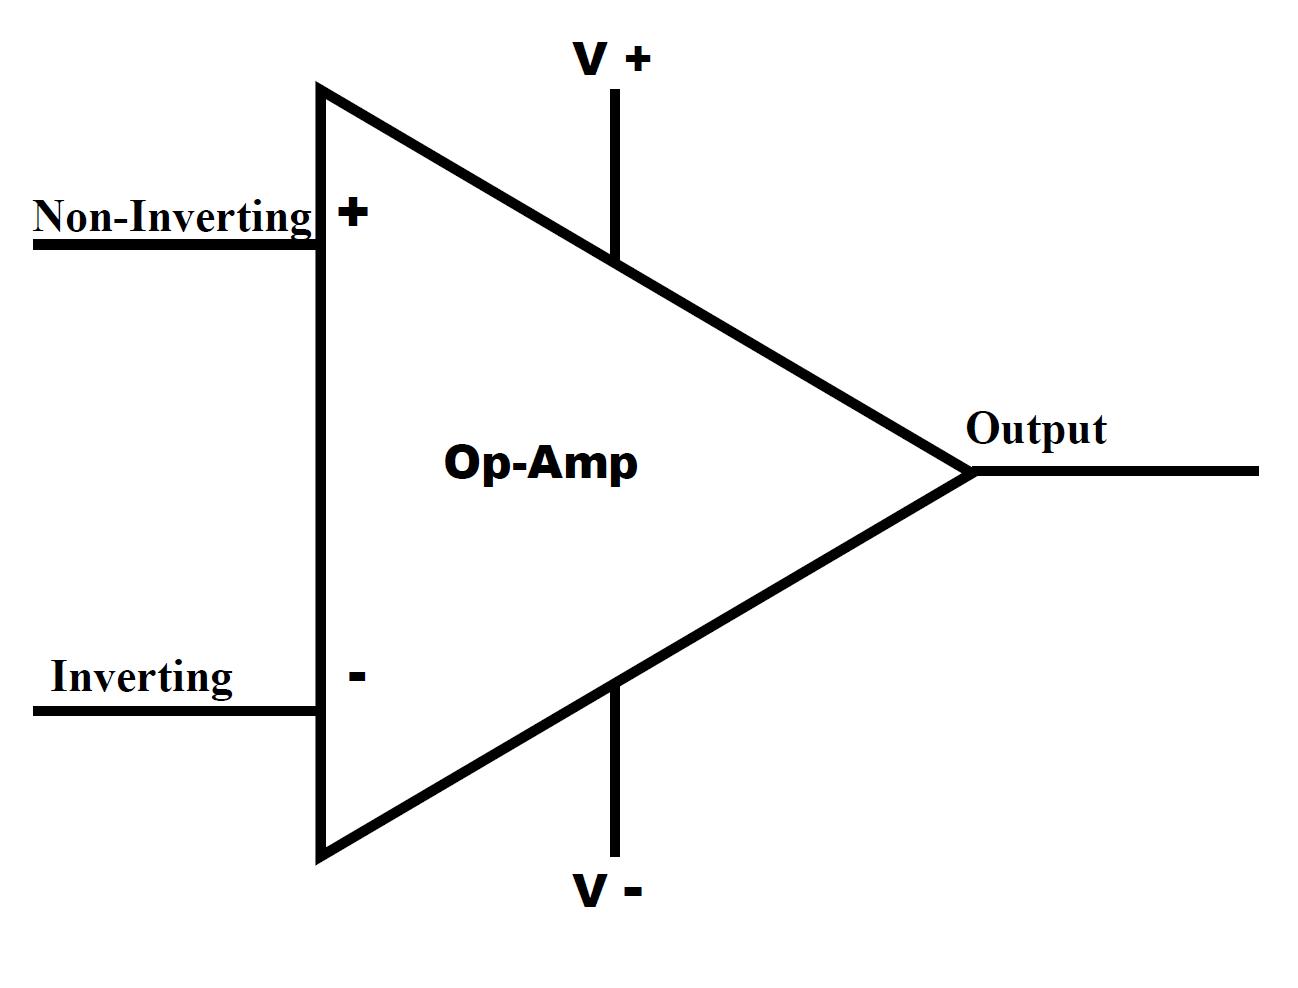 ELEKTRONIKA DAN MIKROKONTROLER: Op-Amp (Operasional